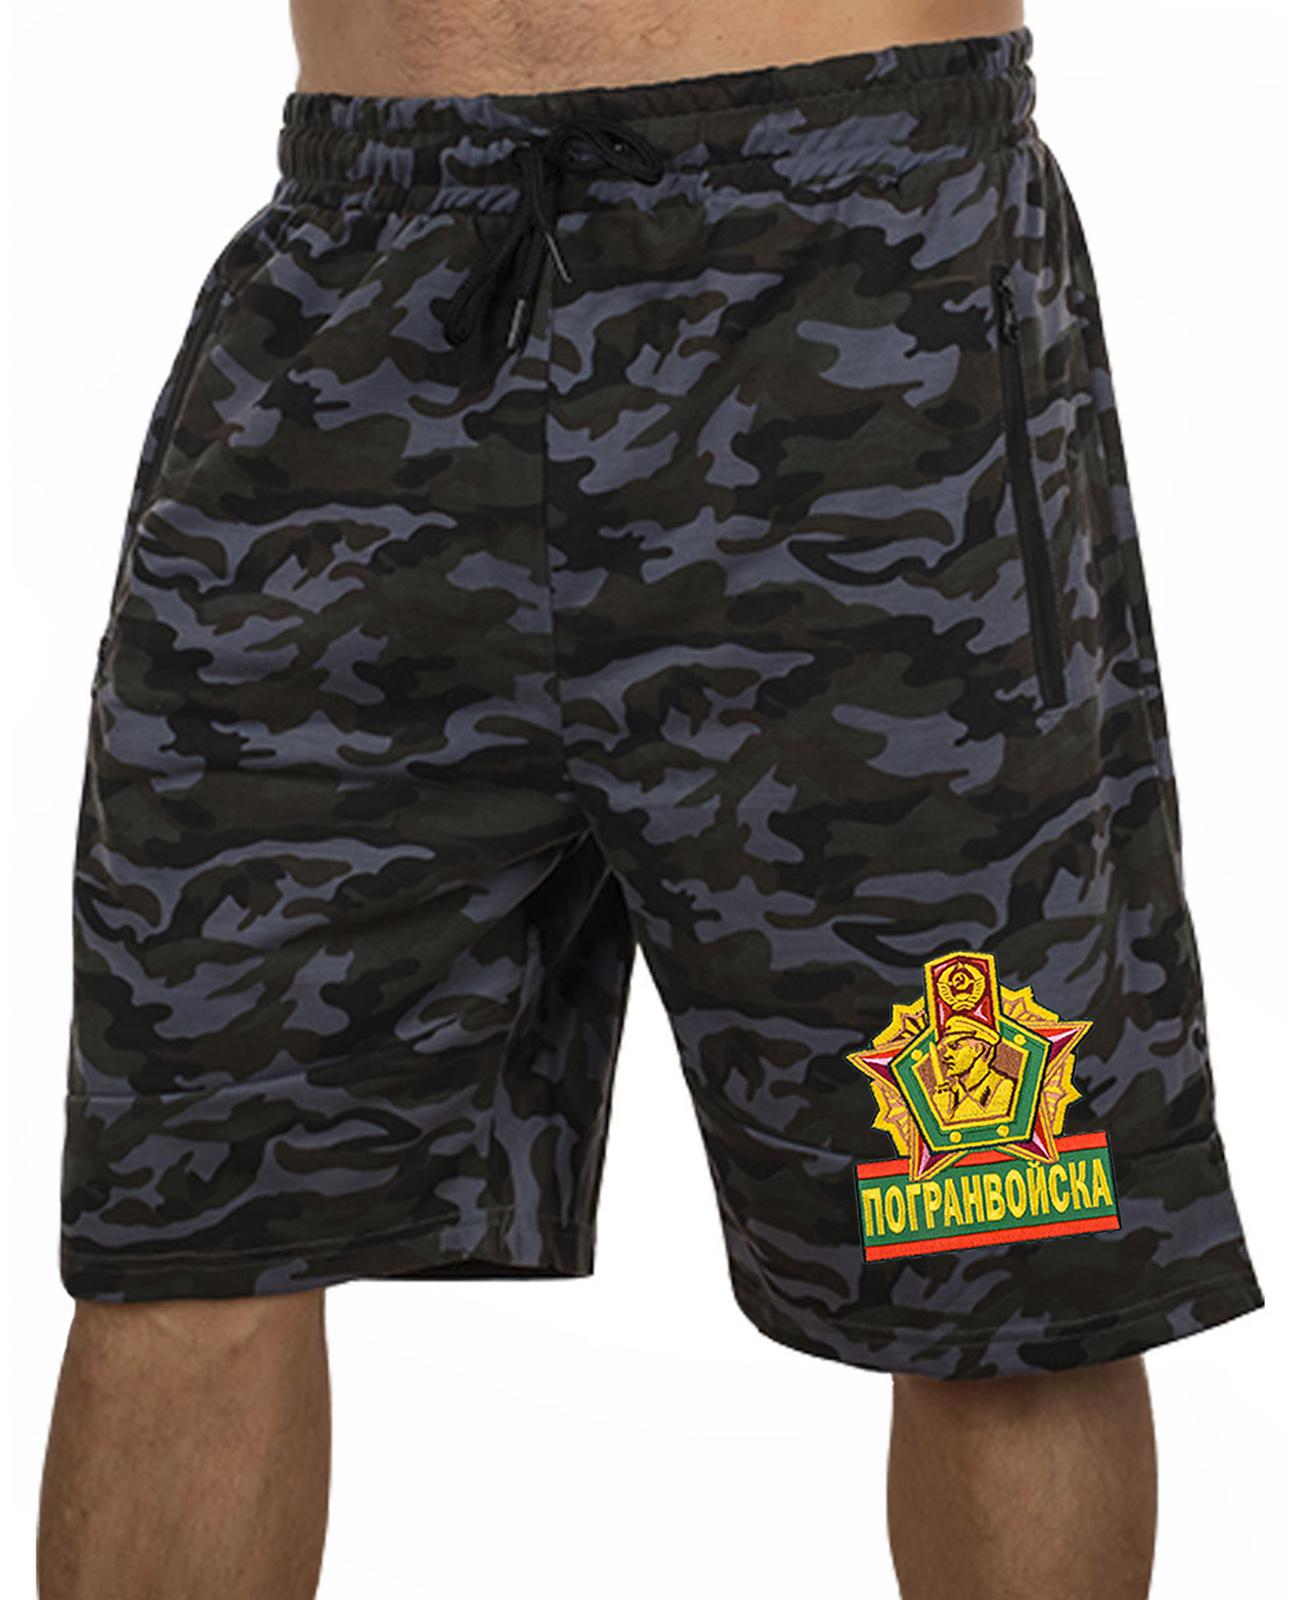 Купить камуфляжные мужские шорты с нашивкой Погранвойска оптом выгодно